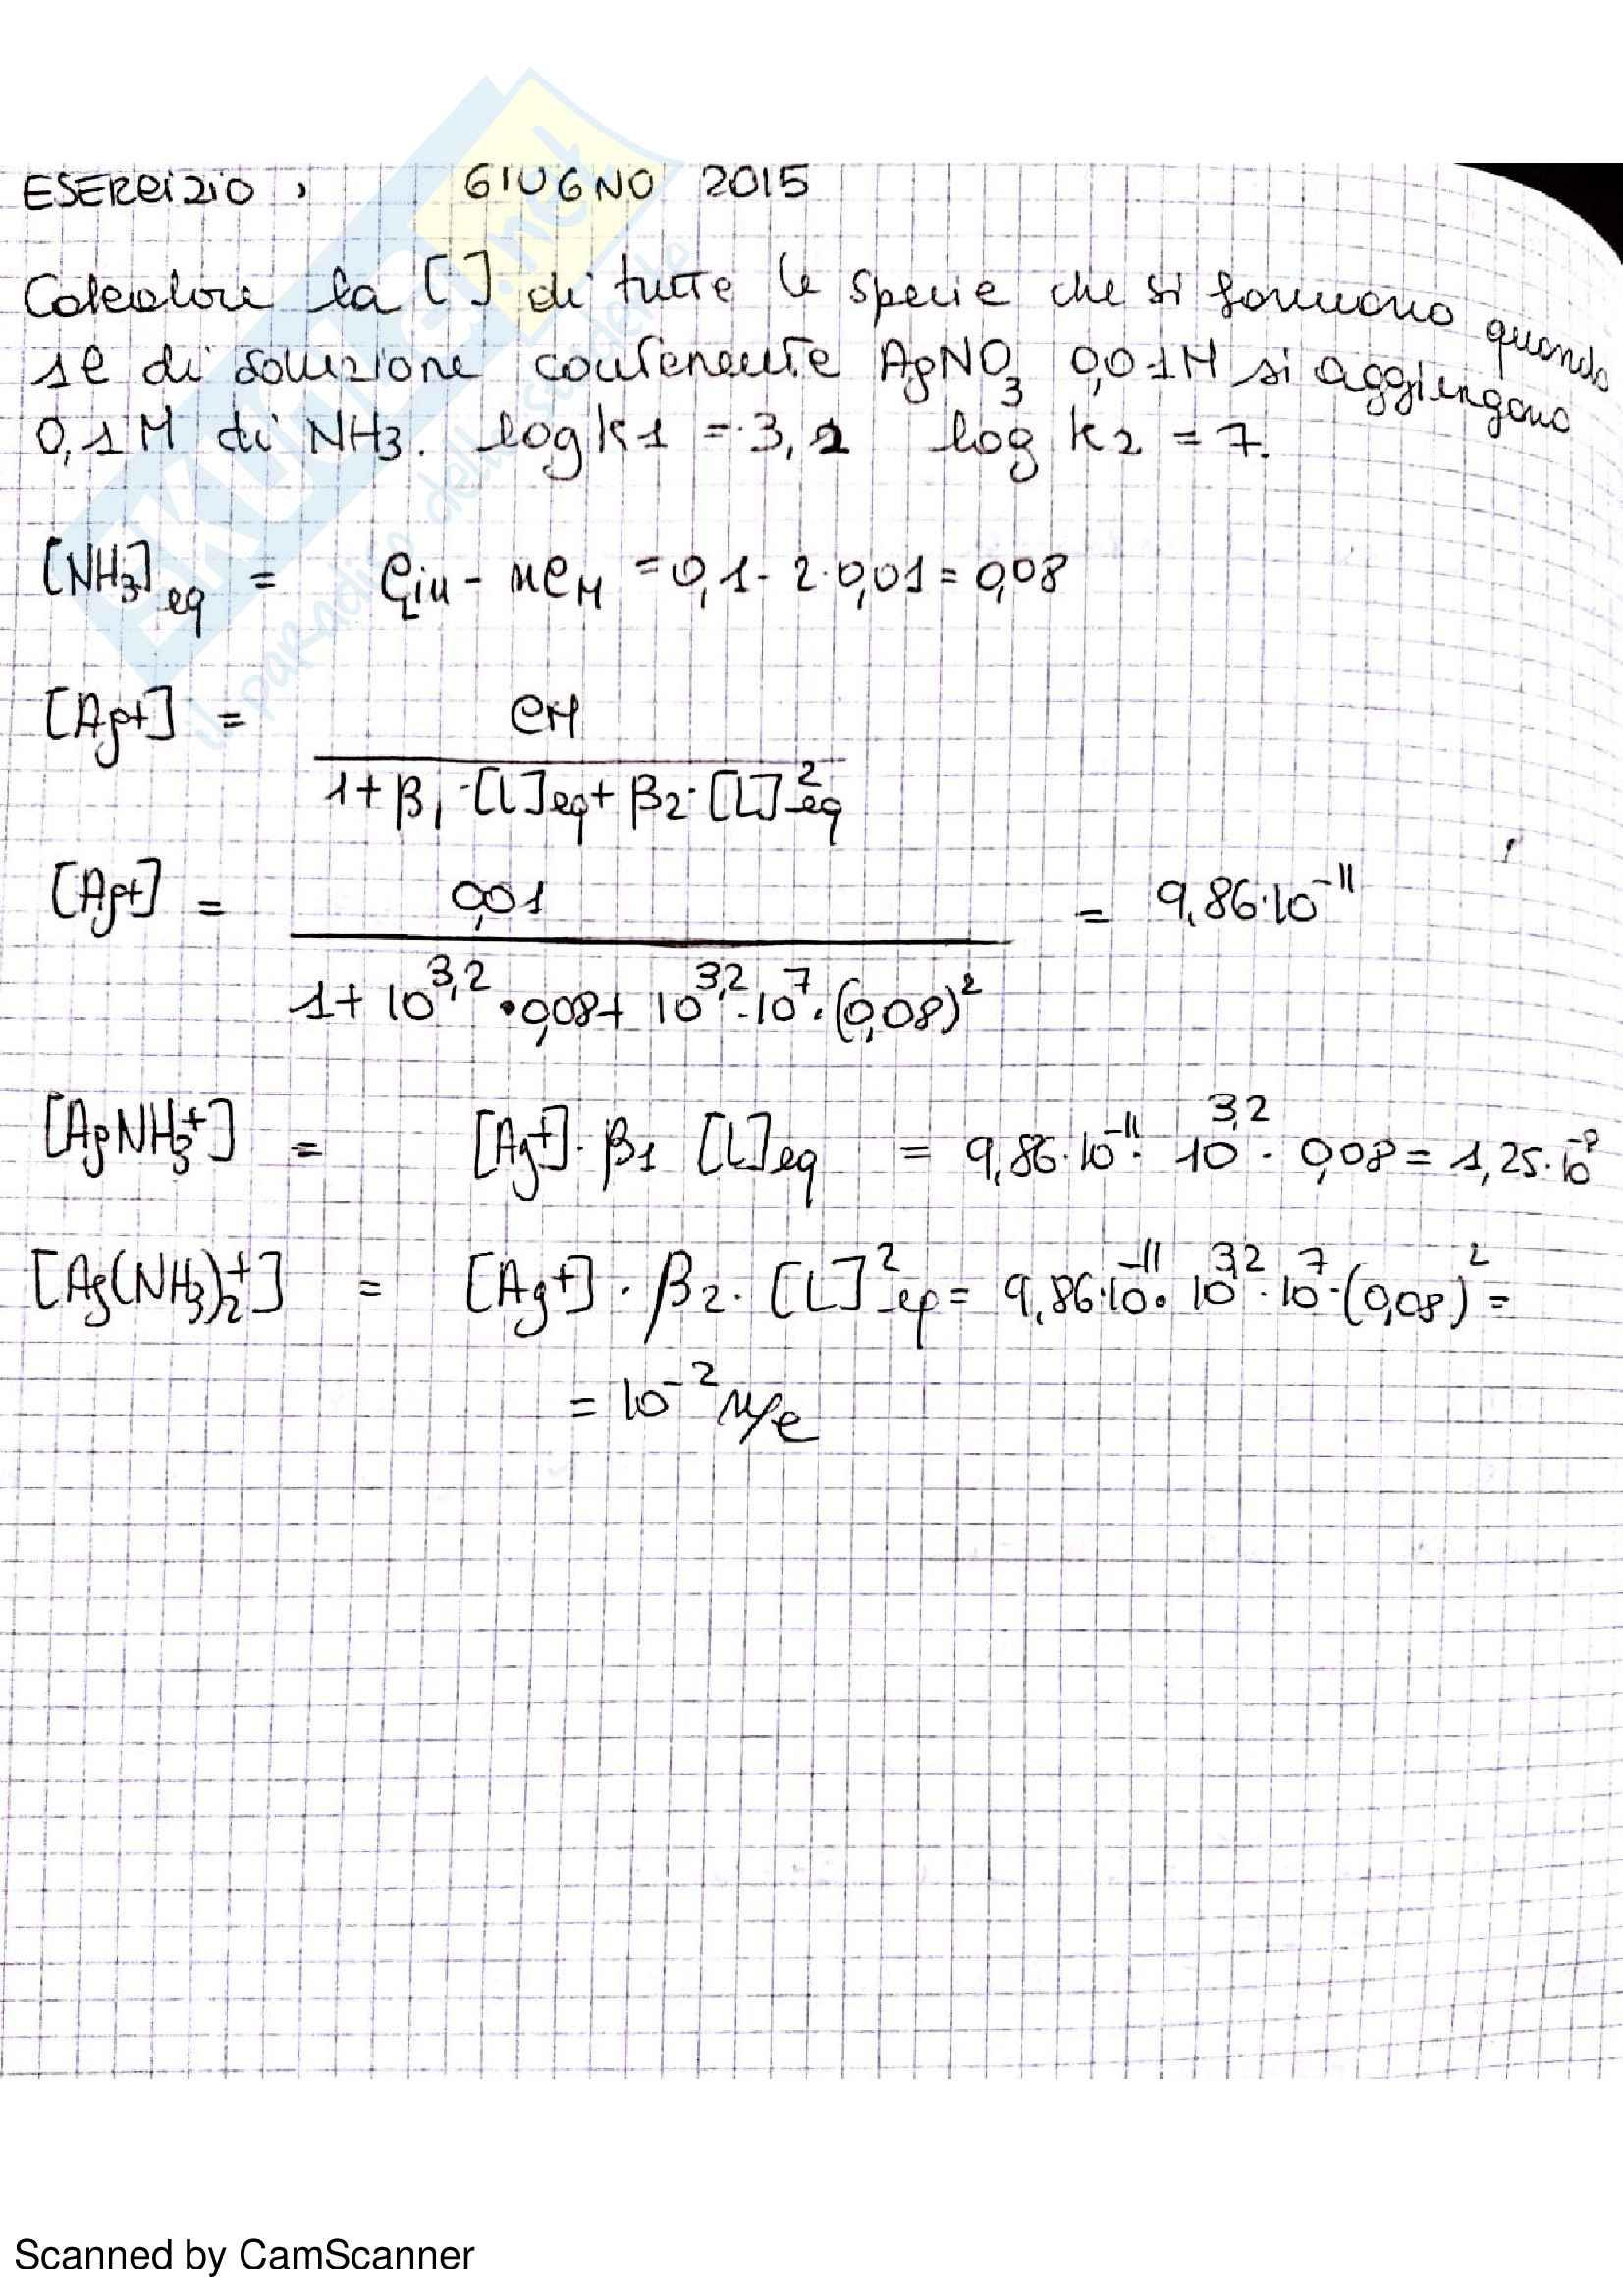 Appunti completi di chimica analitica comprensivi di esercizi d'esame Pag. 36